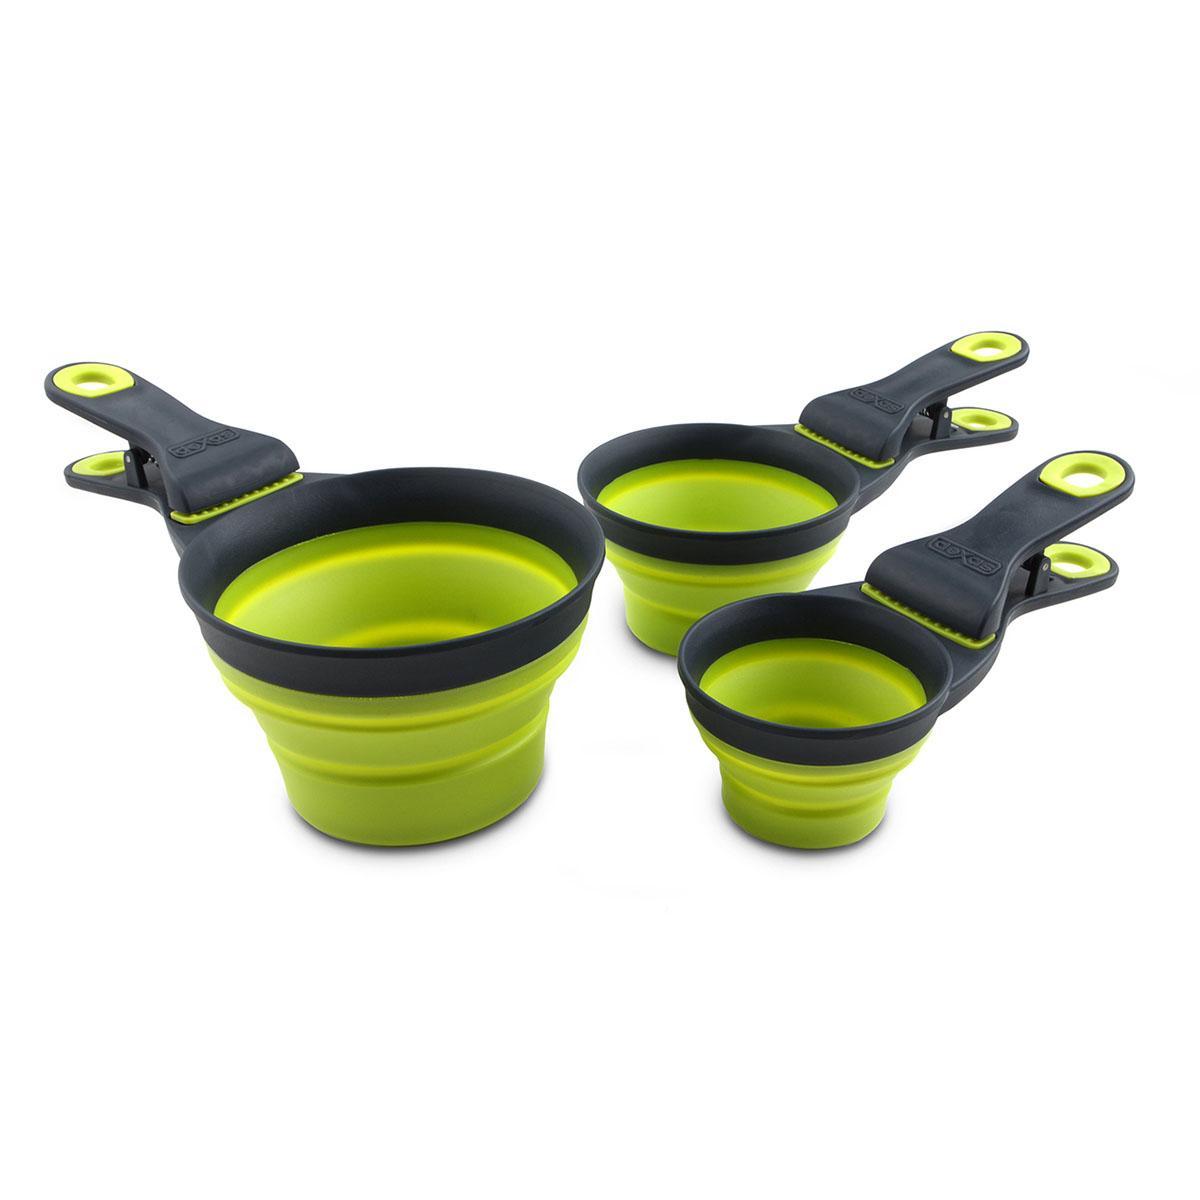 Collapsible KlipScoop by Popware - Neon Green